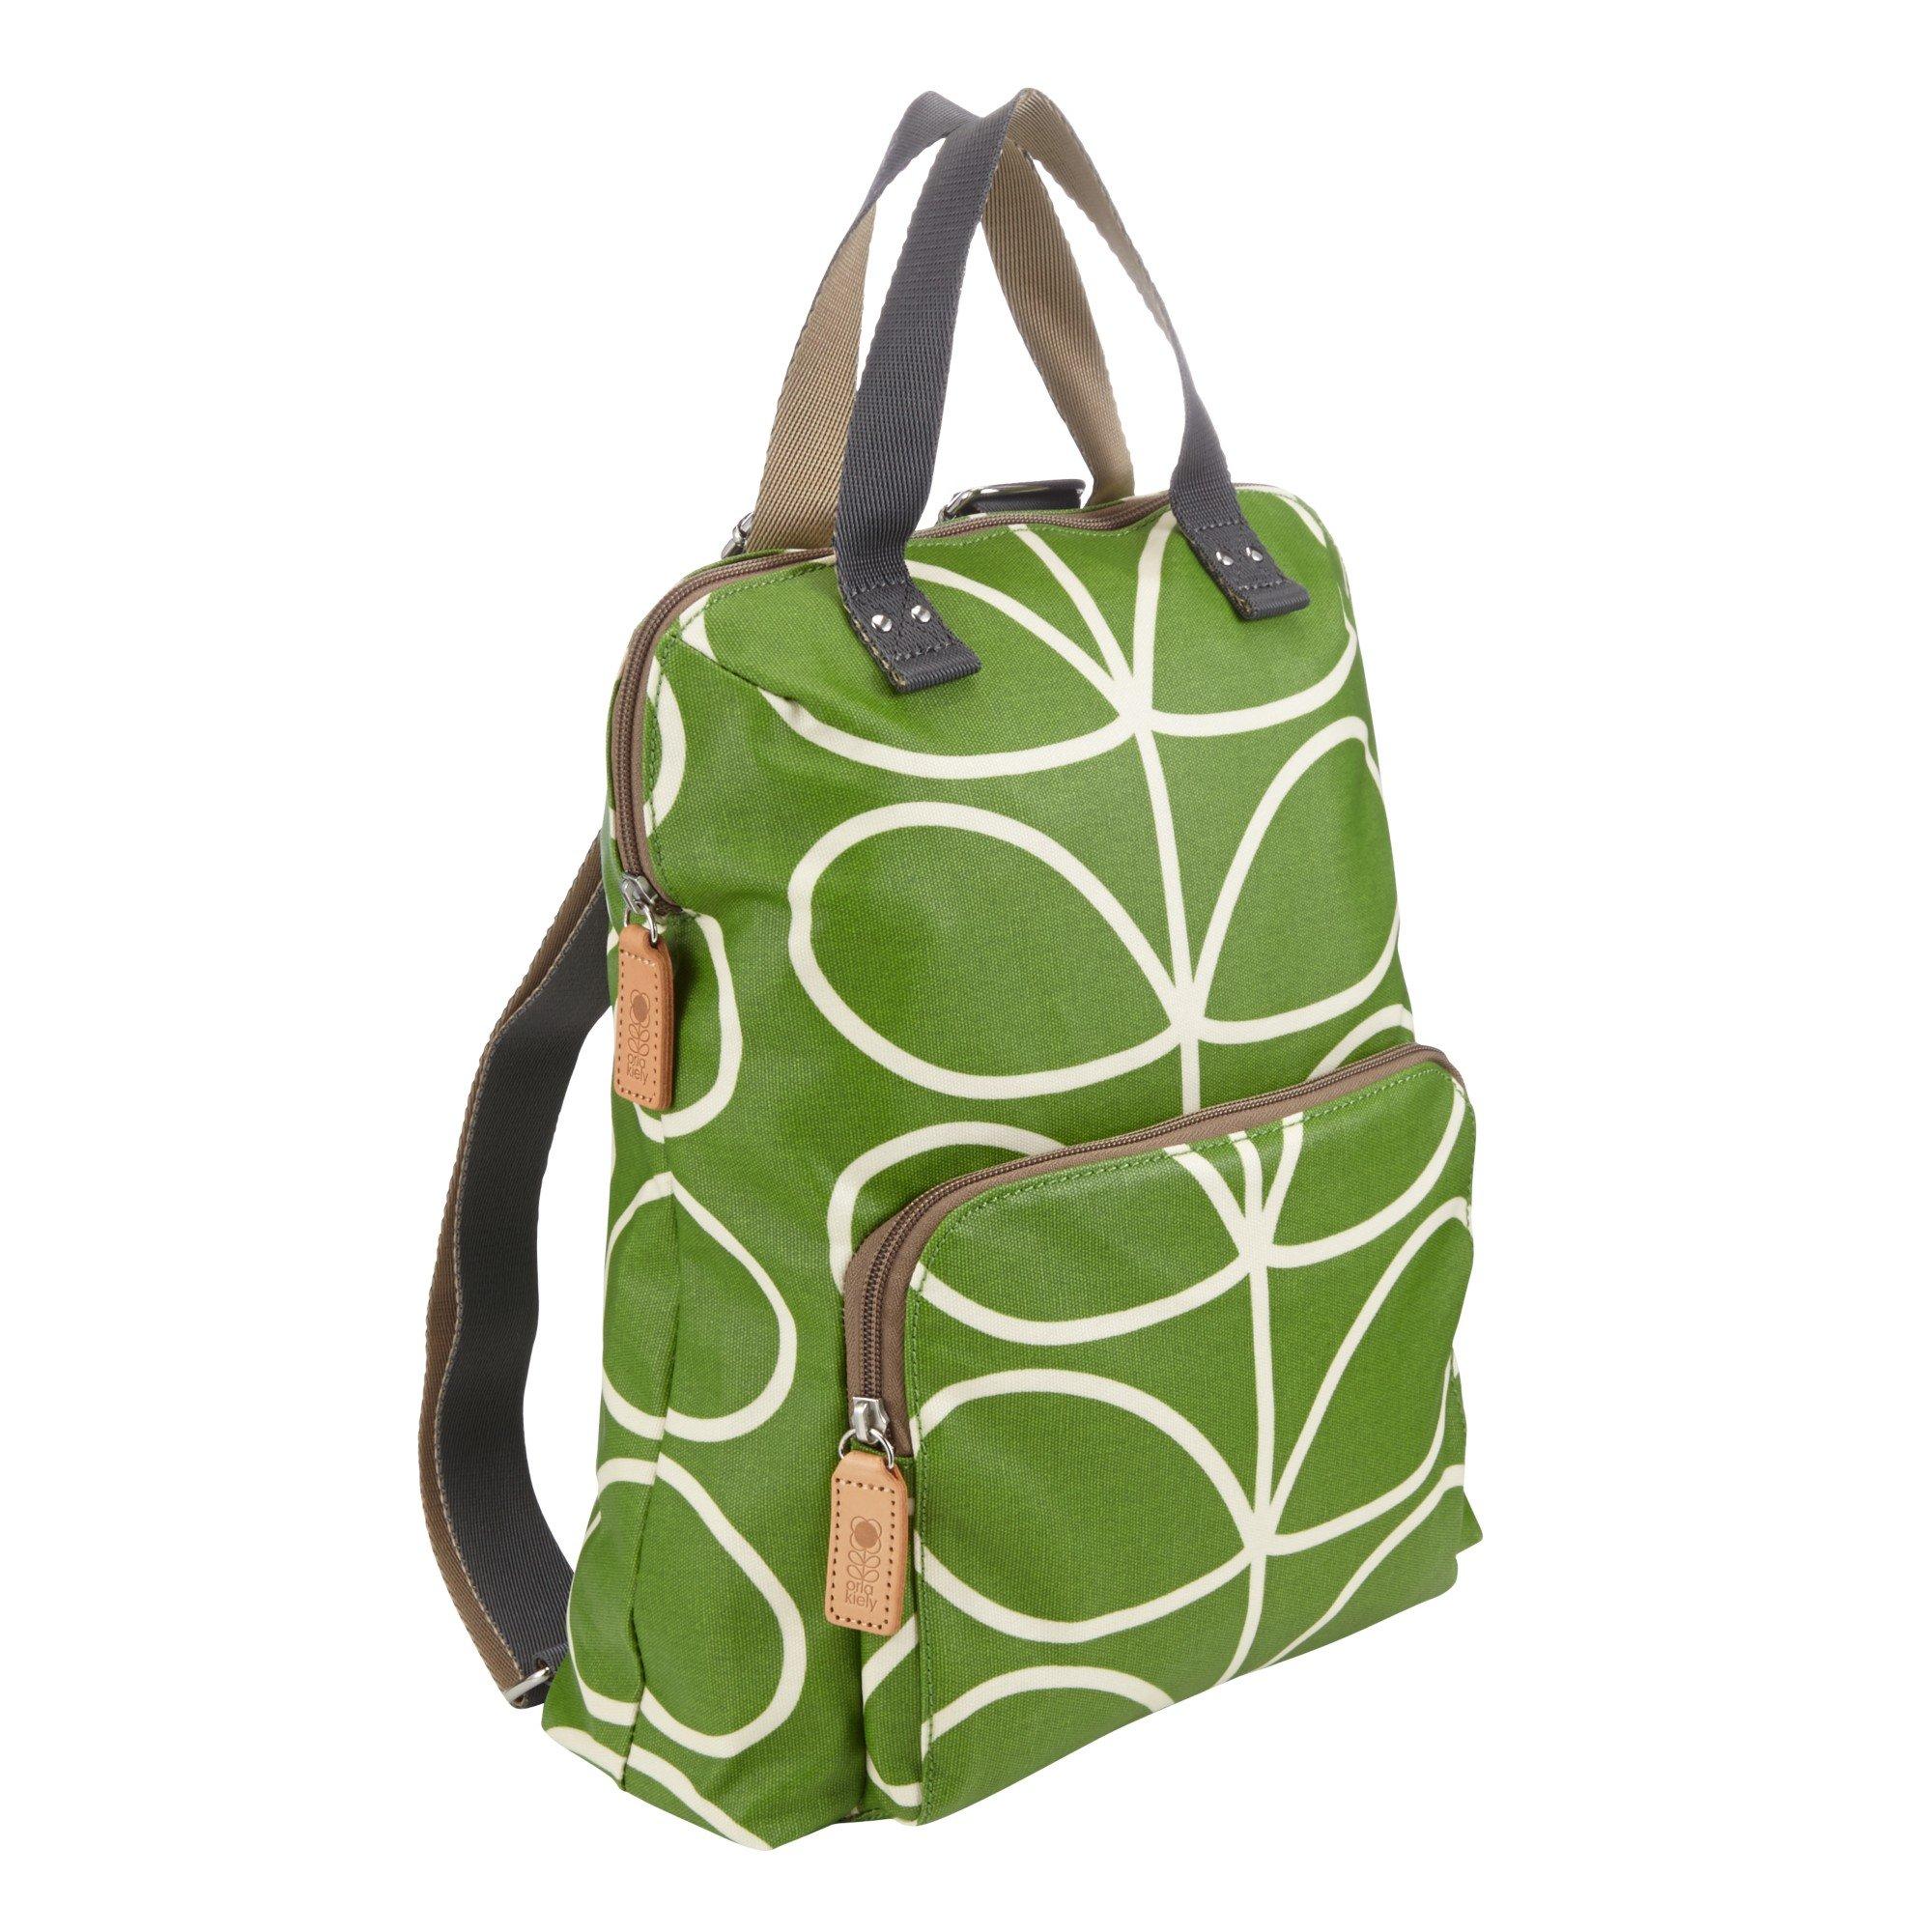 Orla Kiely Matt Stem Backpack Tote in Green - Lyst 392f94db881a3